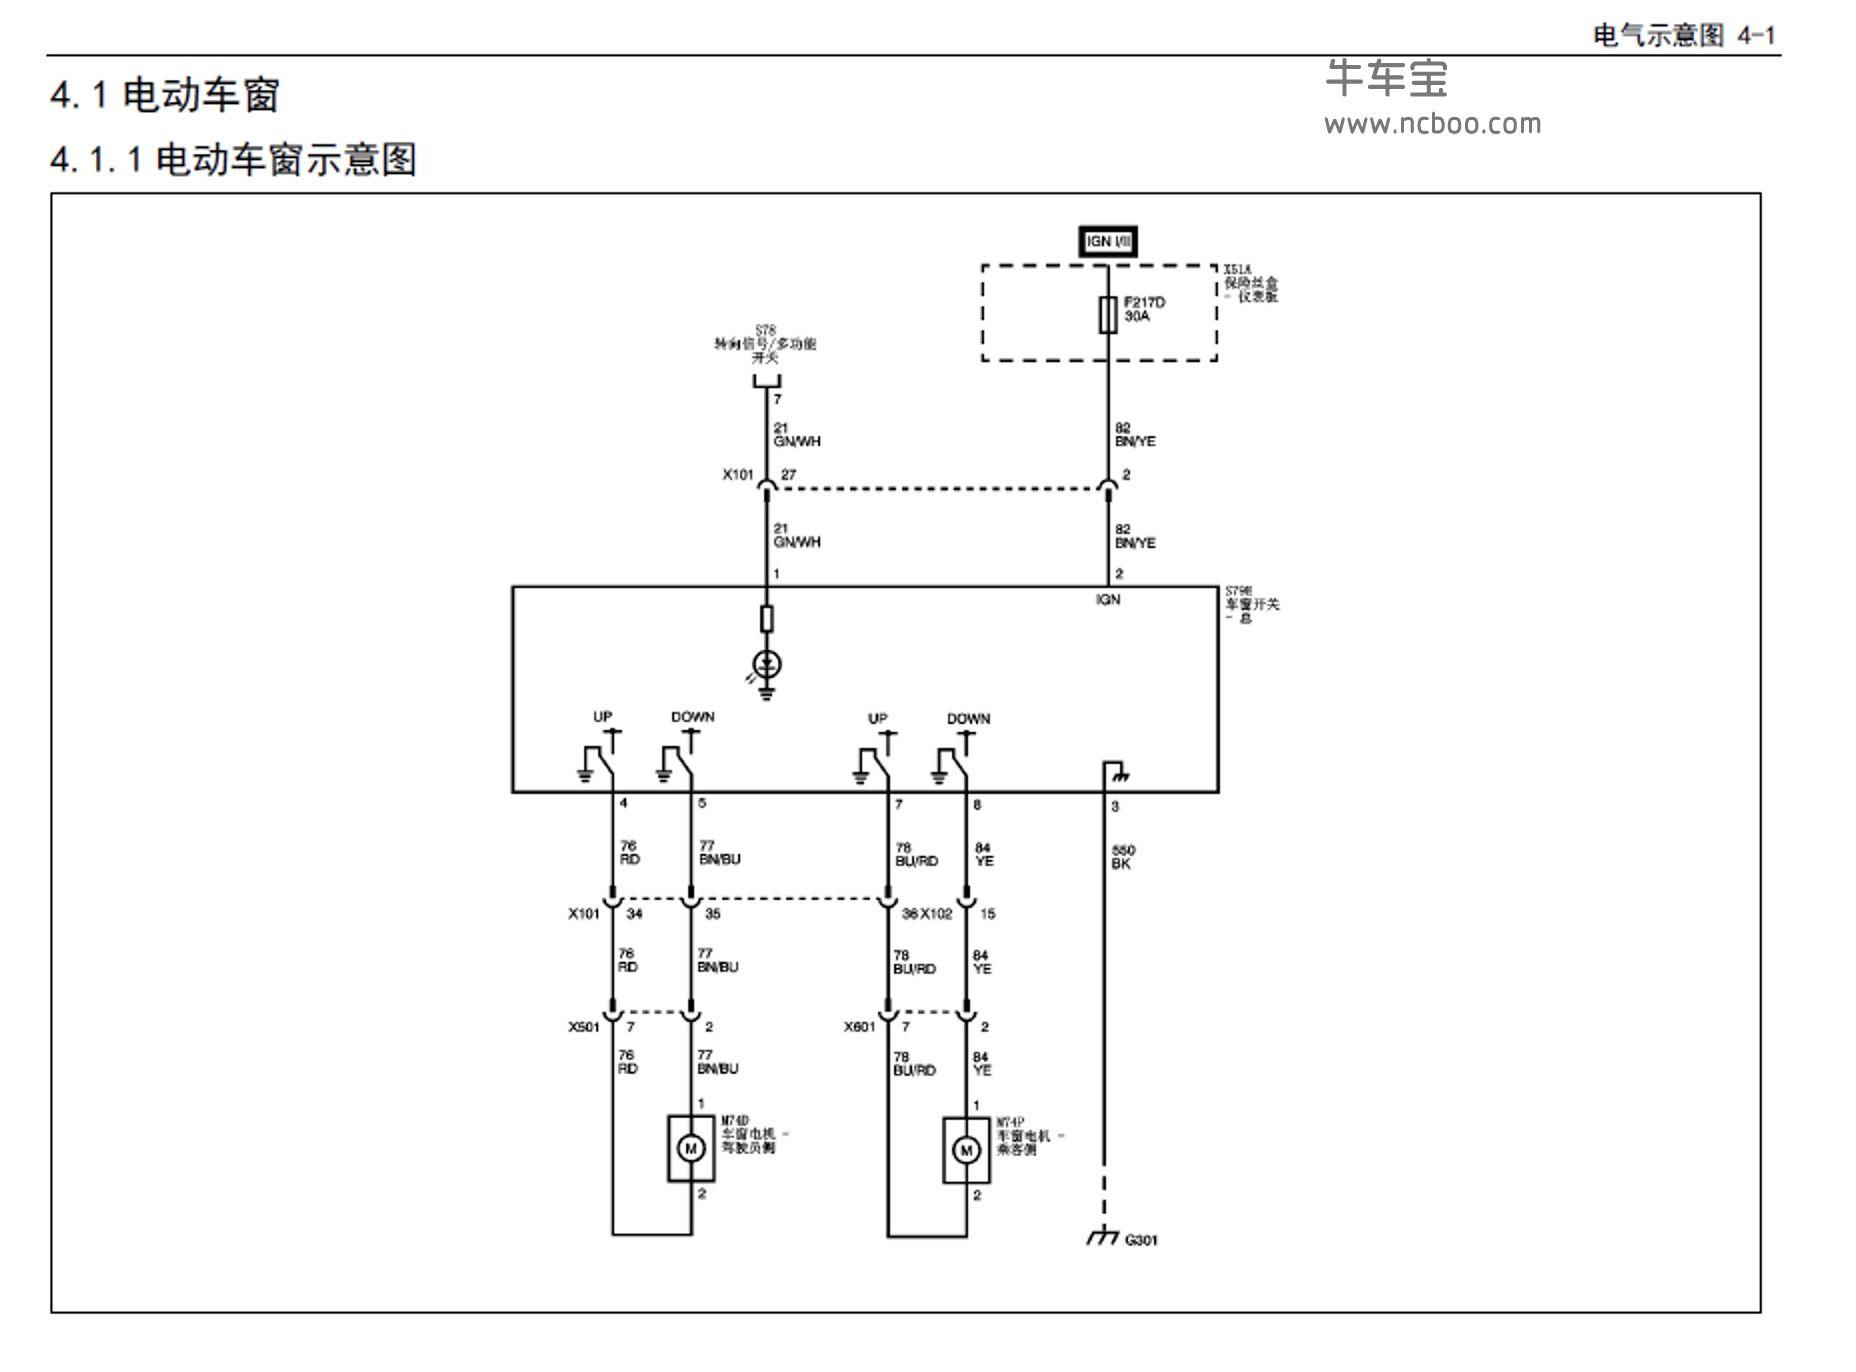 2017-2018年宝骏E100_E200维修手册和电路图资料查询